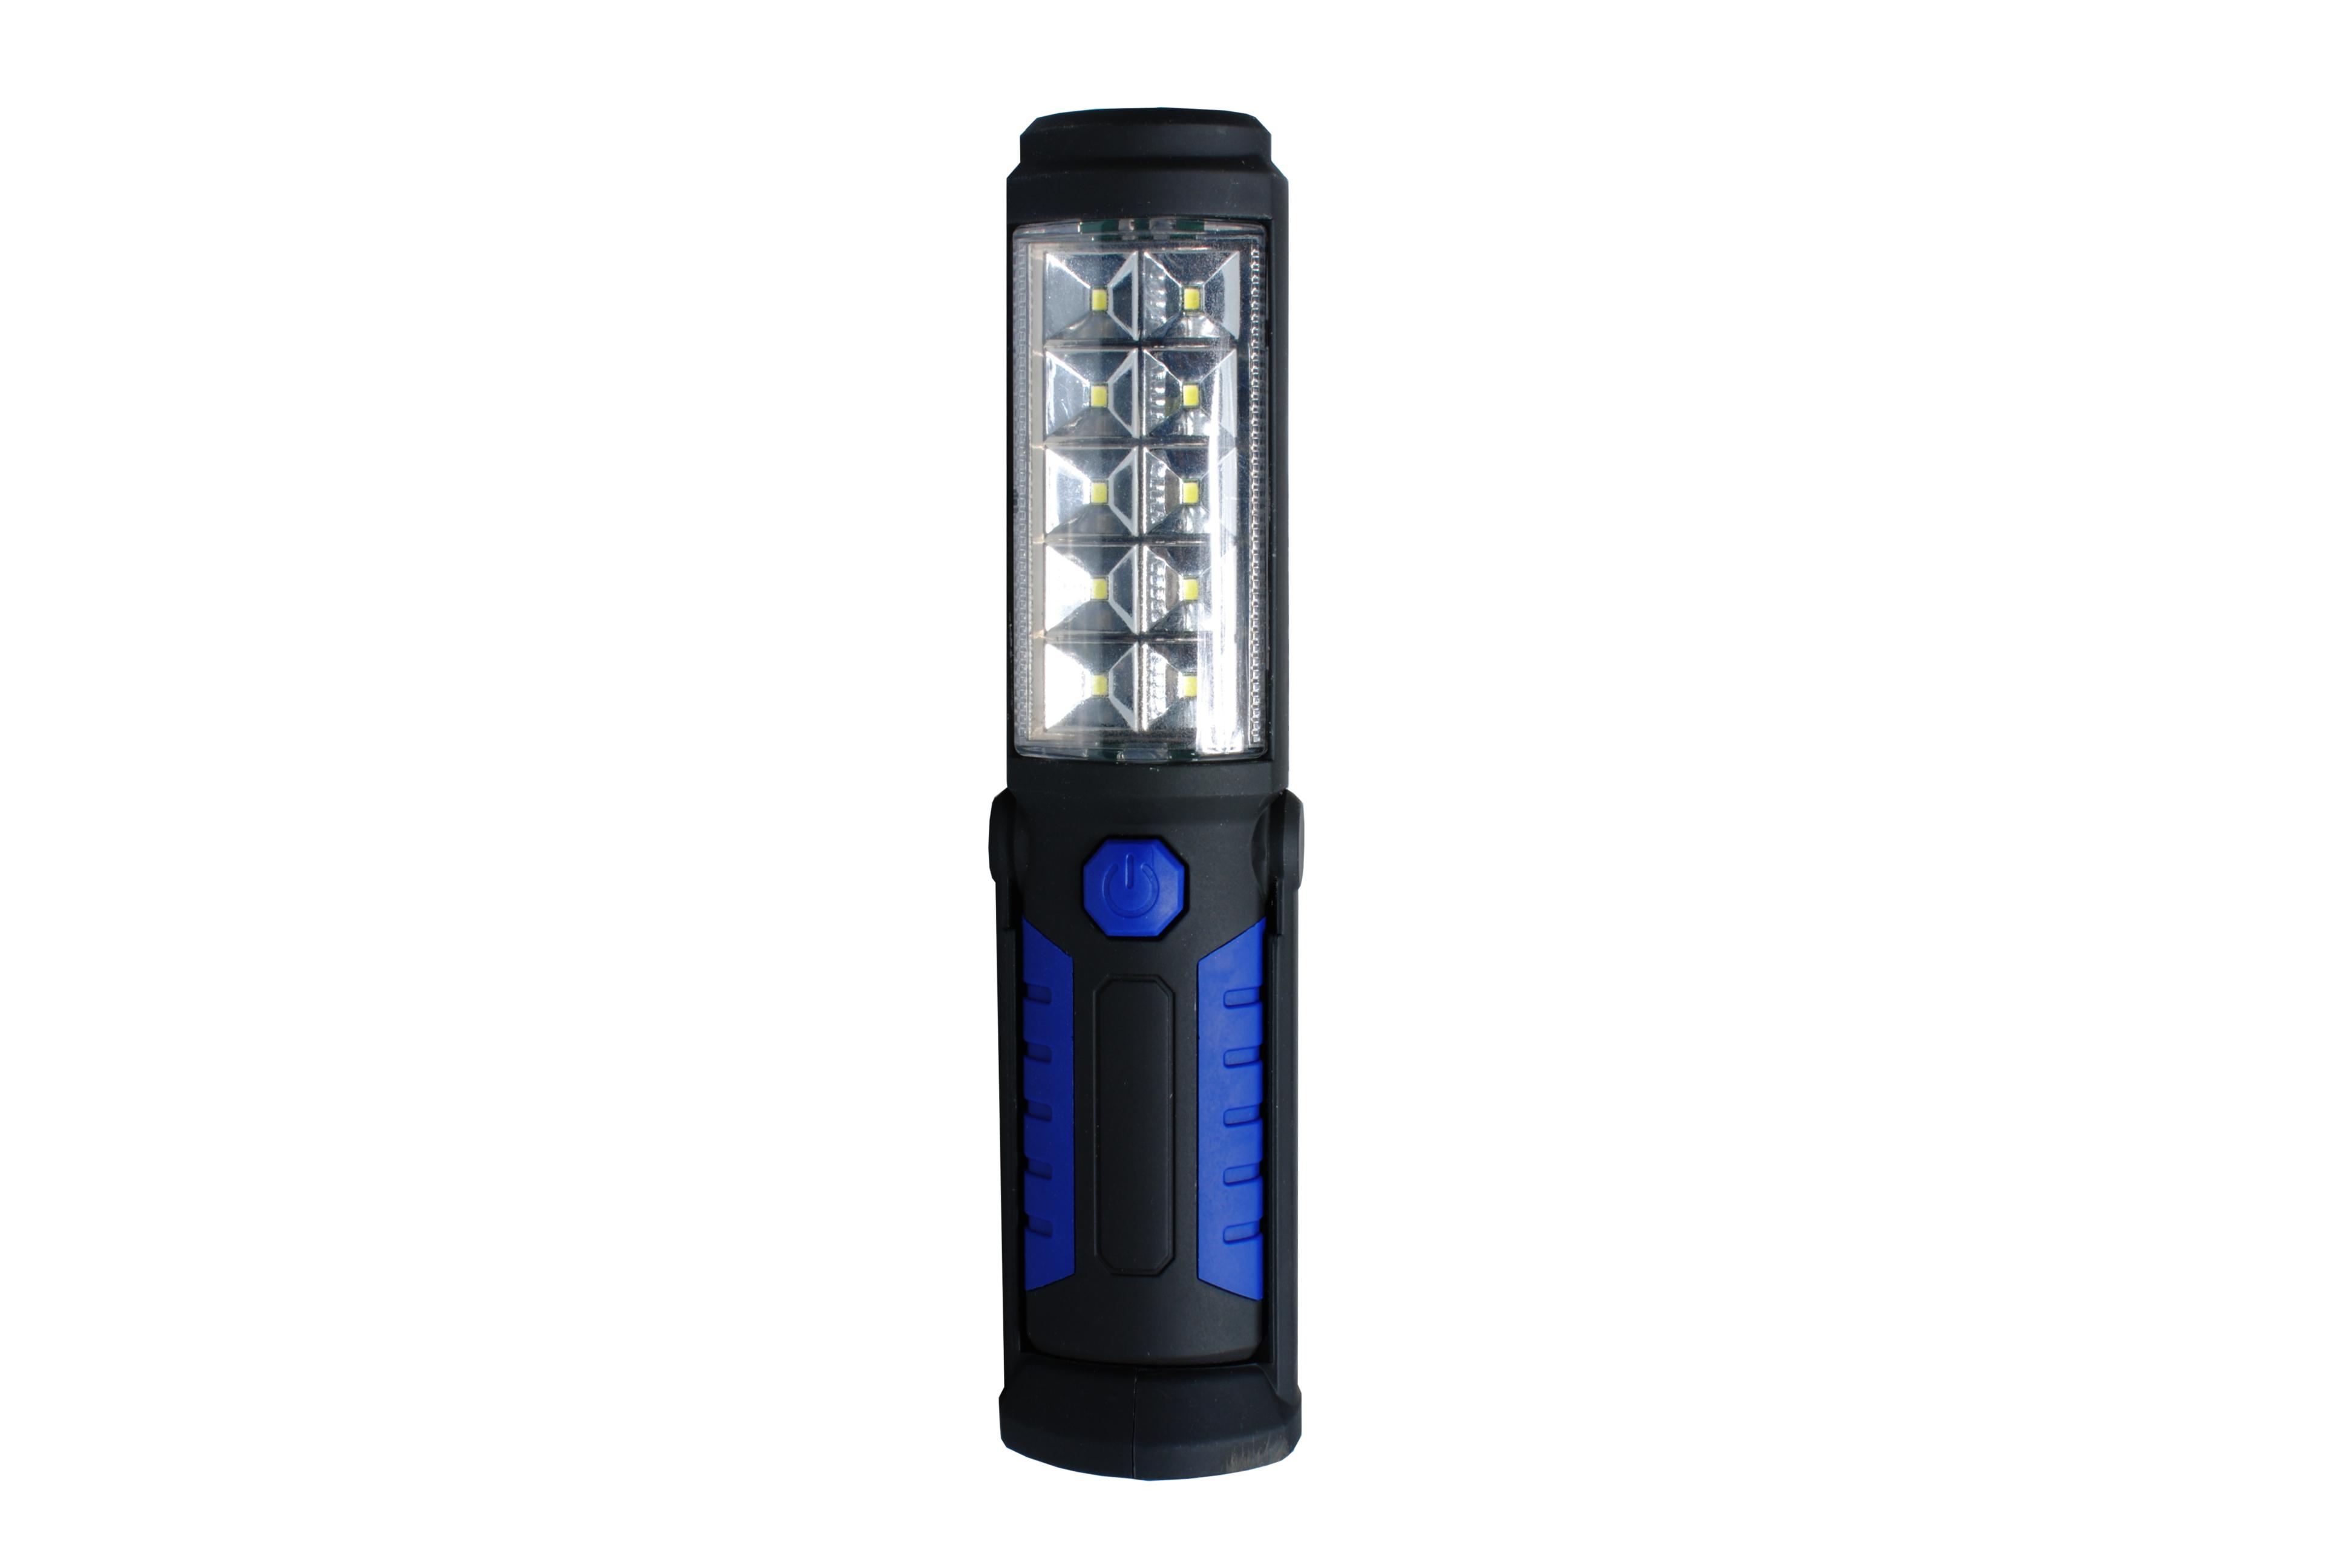 Linterna de LED 10+1 SMD 3xAA